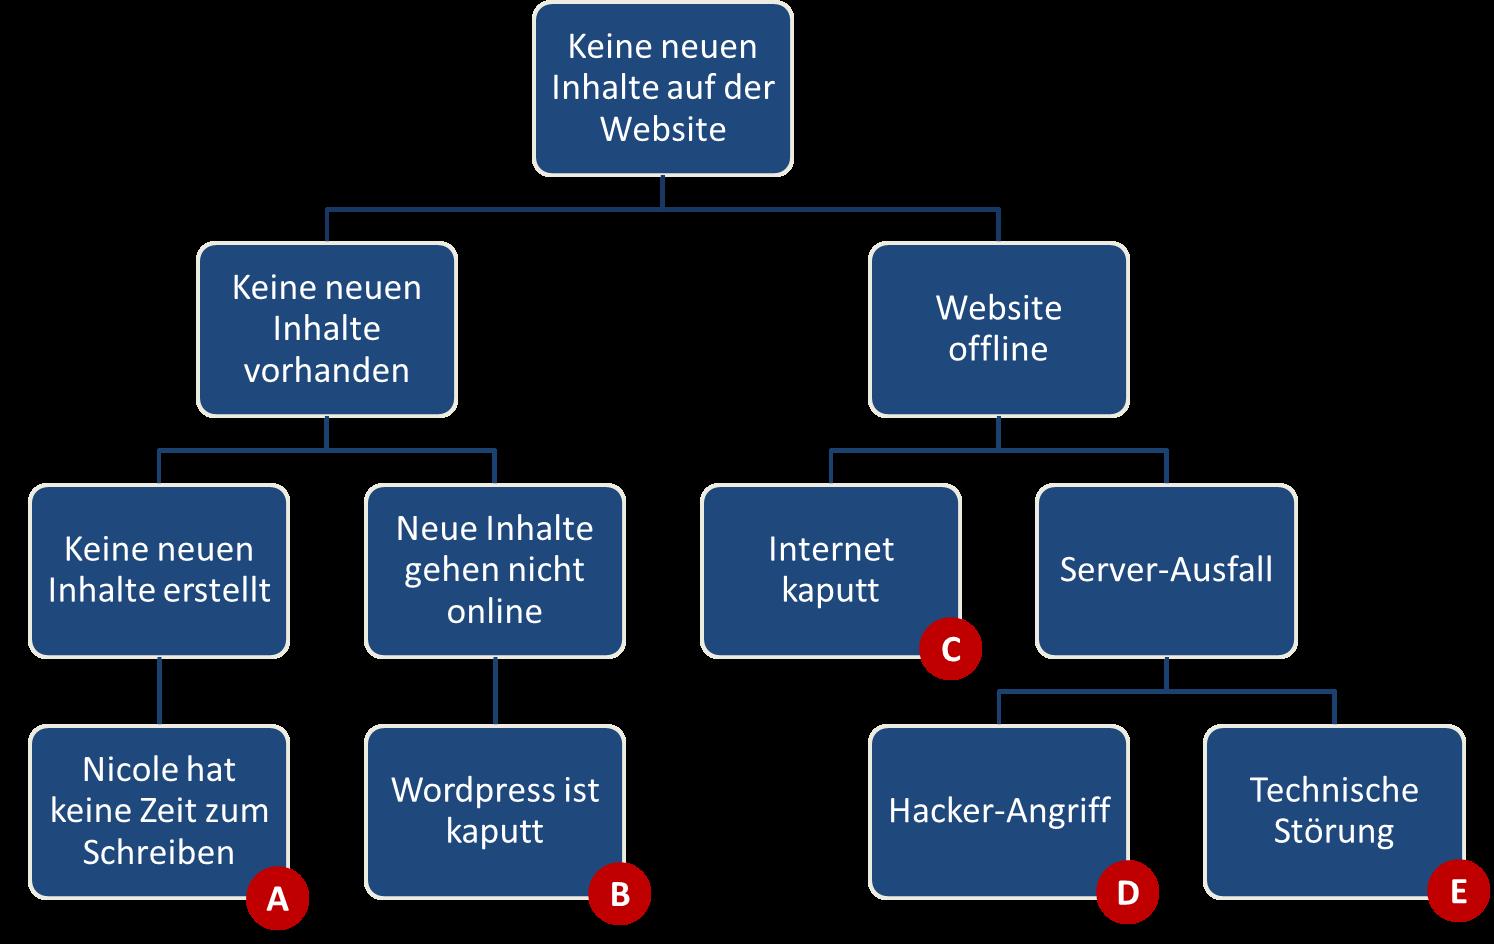 Fehrlerbaumanalyse